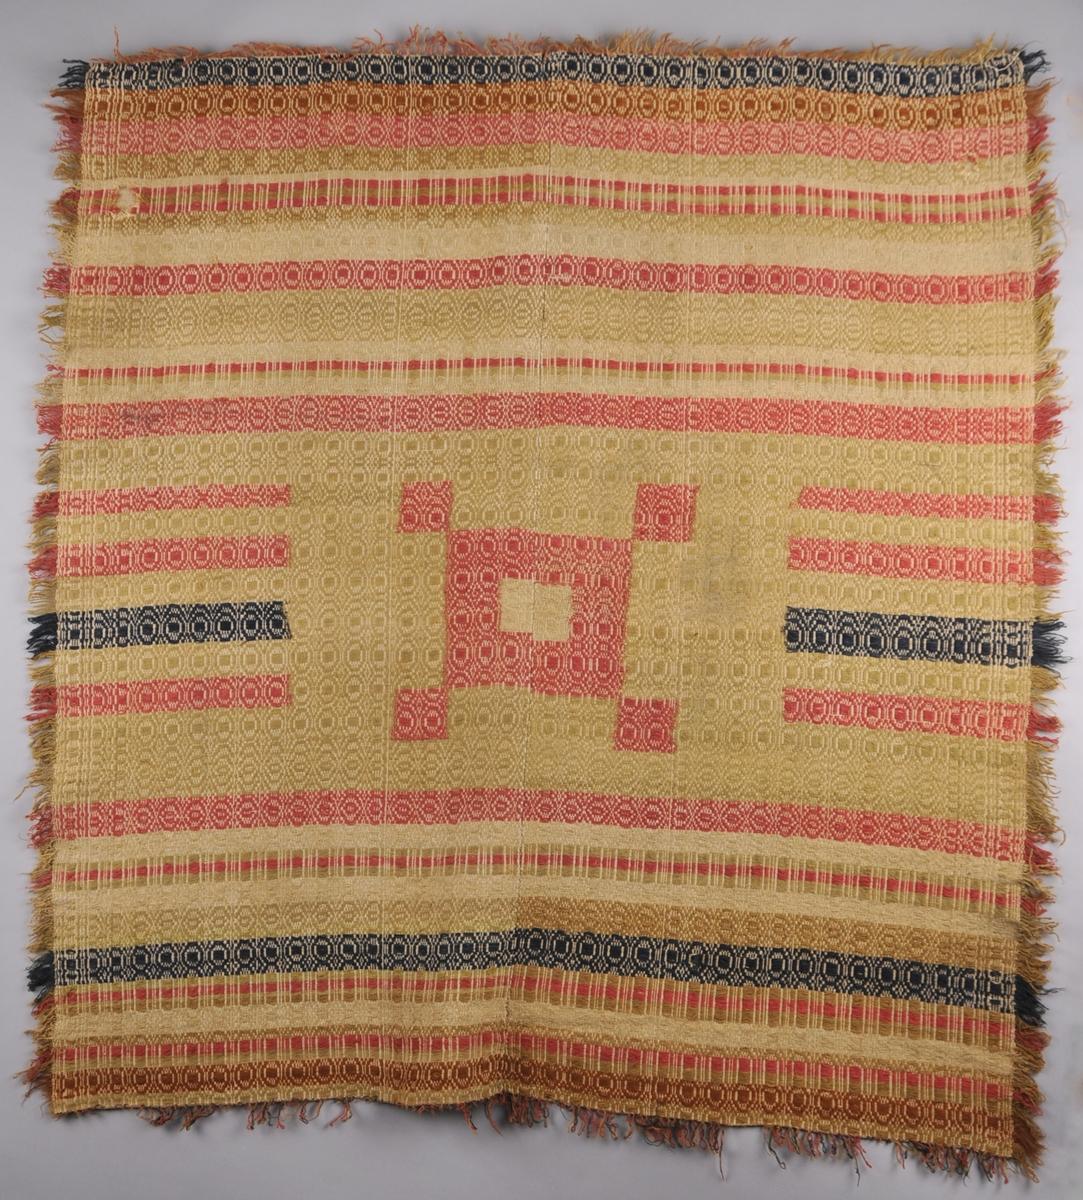 """Teppet  er vove med rosa, beige-grøn, brun og blått eittråds plantefarga ullgarn og lingarn på ein toskaftsvove linbotn i skilbragdteknikk. Det er sett saman av to vevbredder som er sydd saman langs midten av teppet. Tafs i alle sidene (langs kortsidene er dei påsauma, medan langs langsidene er det innslagstråane som dannar løkker. Teppet har ein """"spegel"""" midt på, eit kvadrat med fire mindre kvadrat plassert utanfor alle fire hjørna (valknute). Desse er """"smetta"""" inn i vevnaden. Det er, sekundær,t sydd på eit bomullsband som dannar løpegang for oppheng. Lappa på to stader med heimevove linstoff. Teppet er blitt bruka til kisteteppe."""